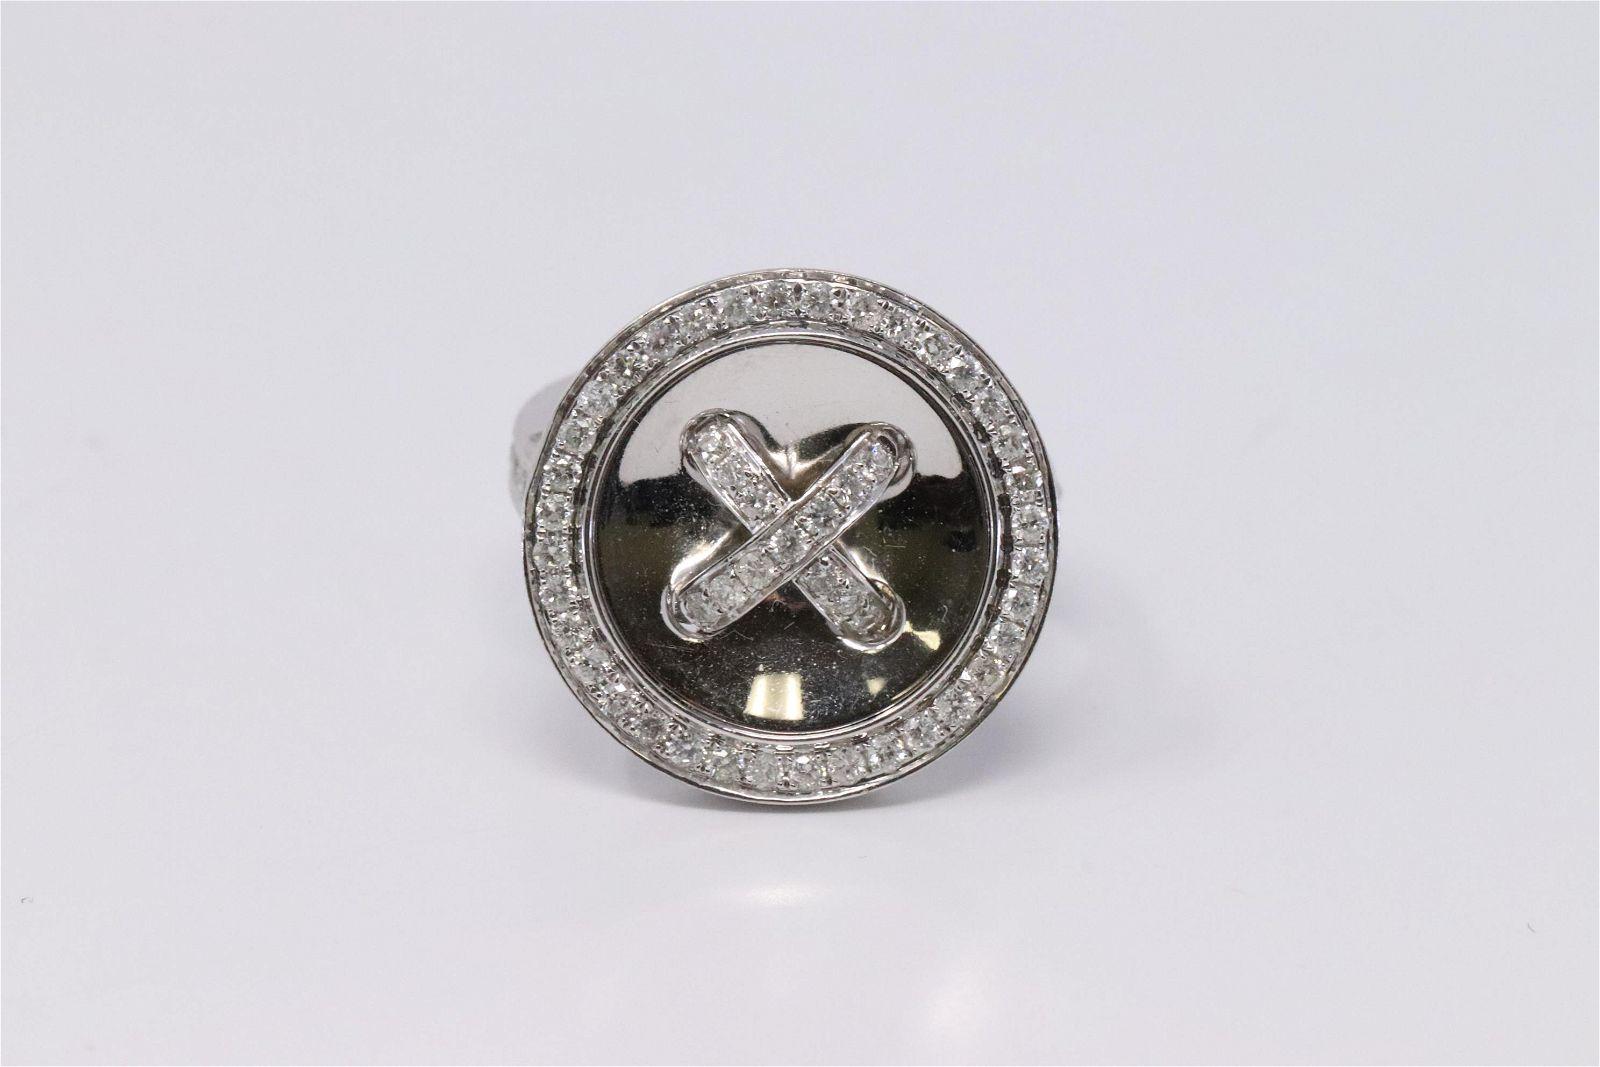 Gorgeous 14K White Gold Diamond Ring